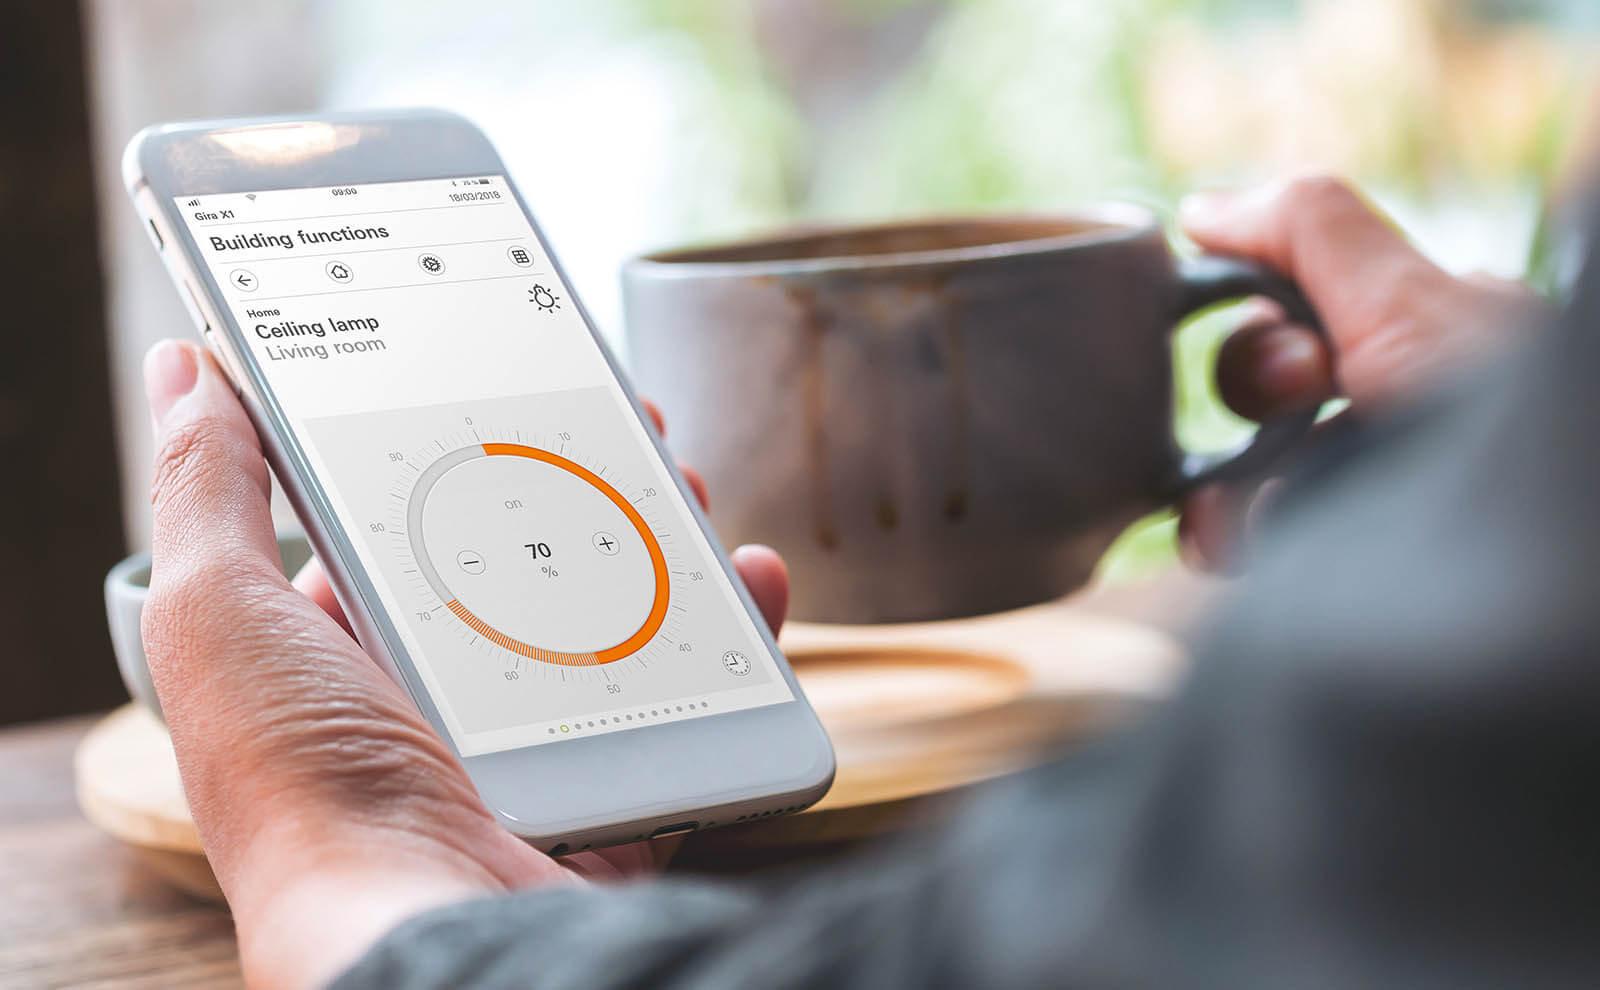 gira-smart-home-app